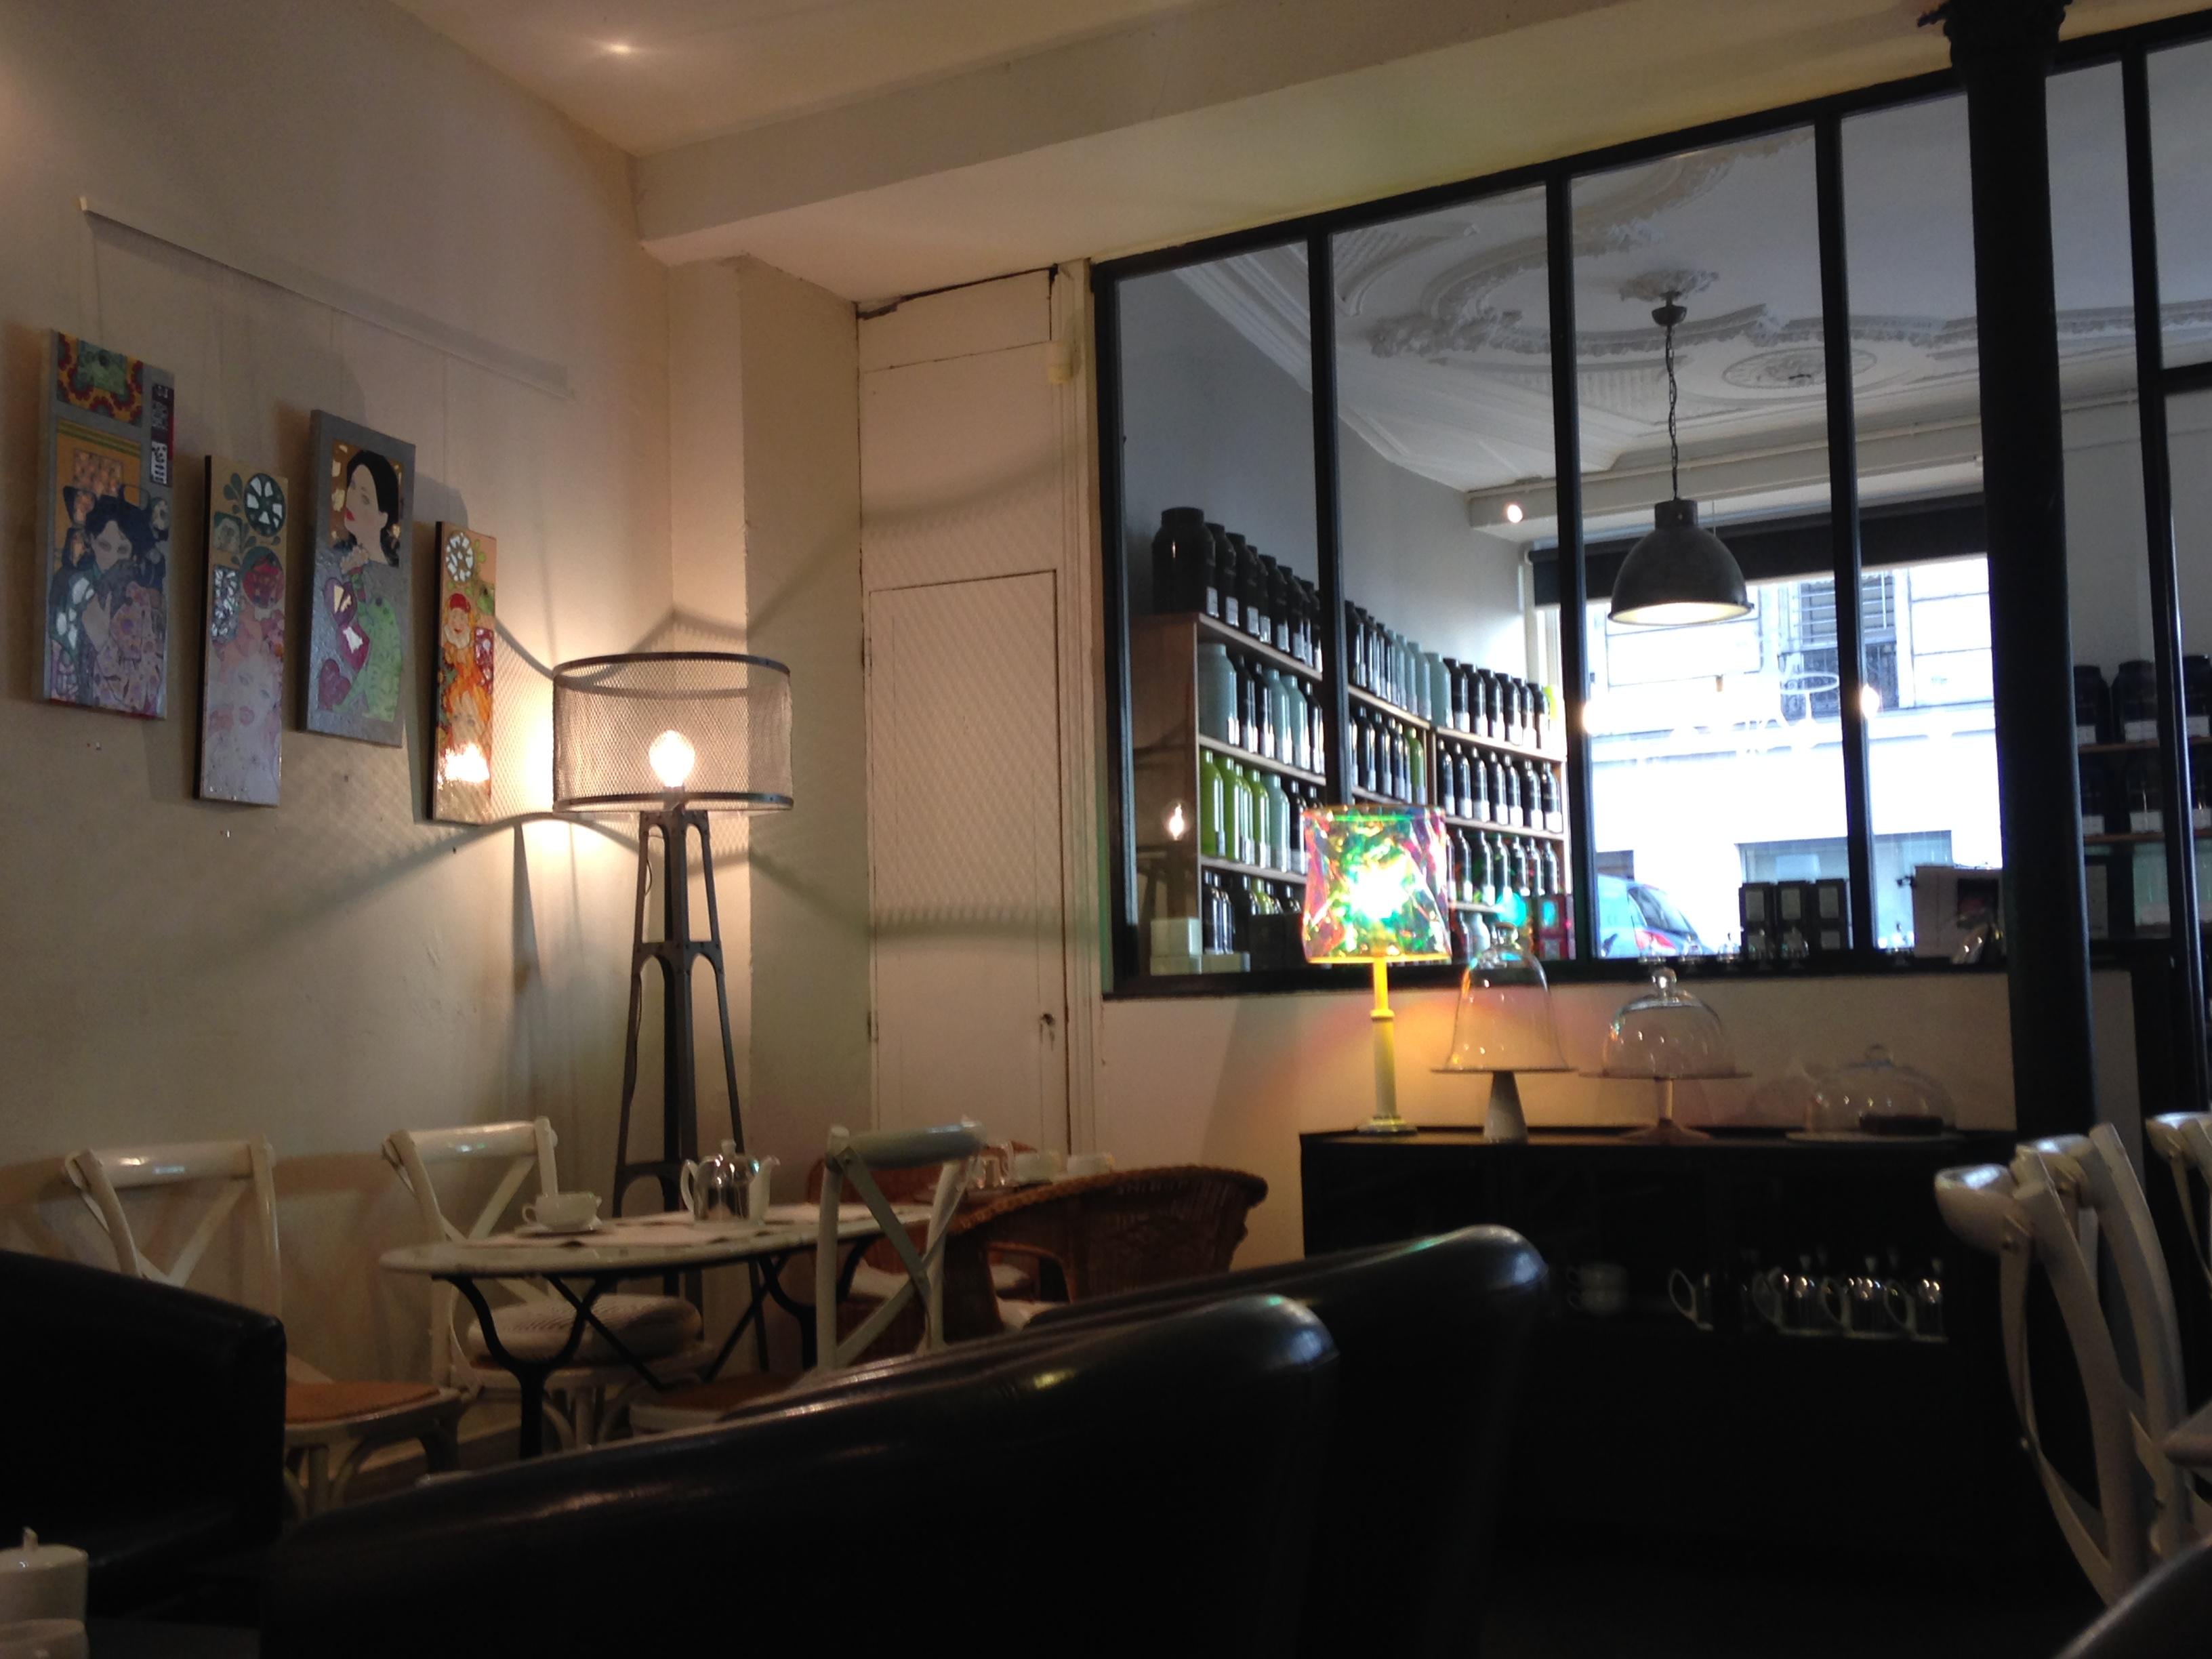 A l'heure du thé, le salon de thé incontournable à Paris